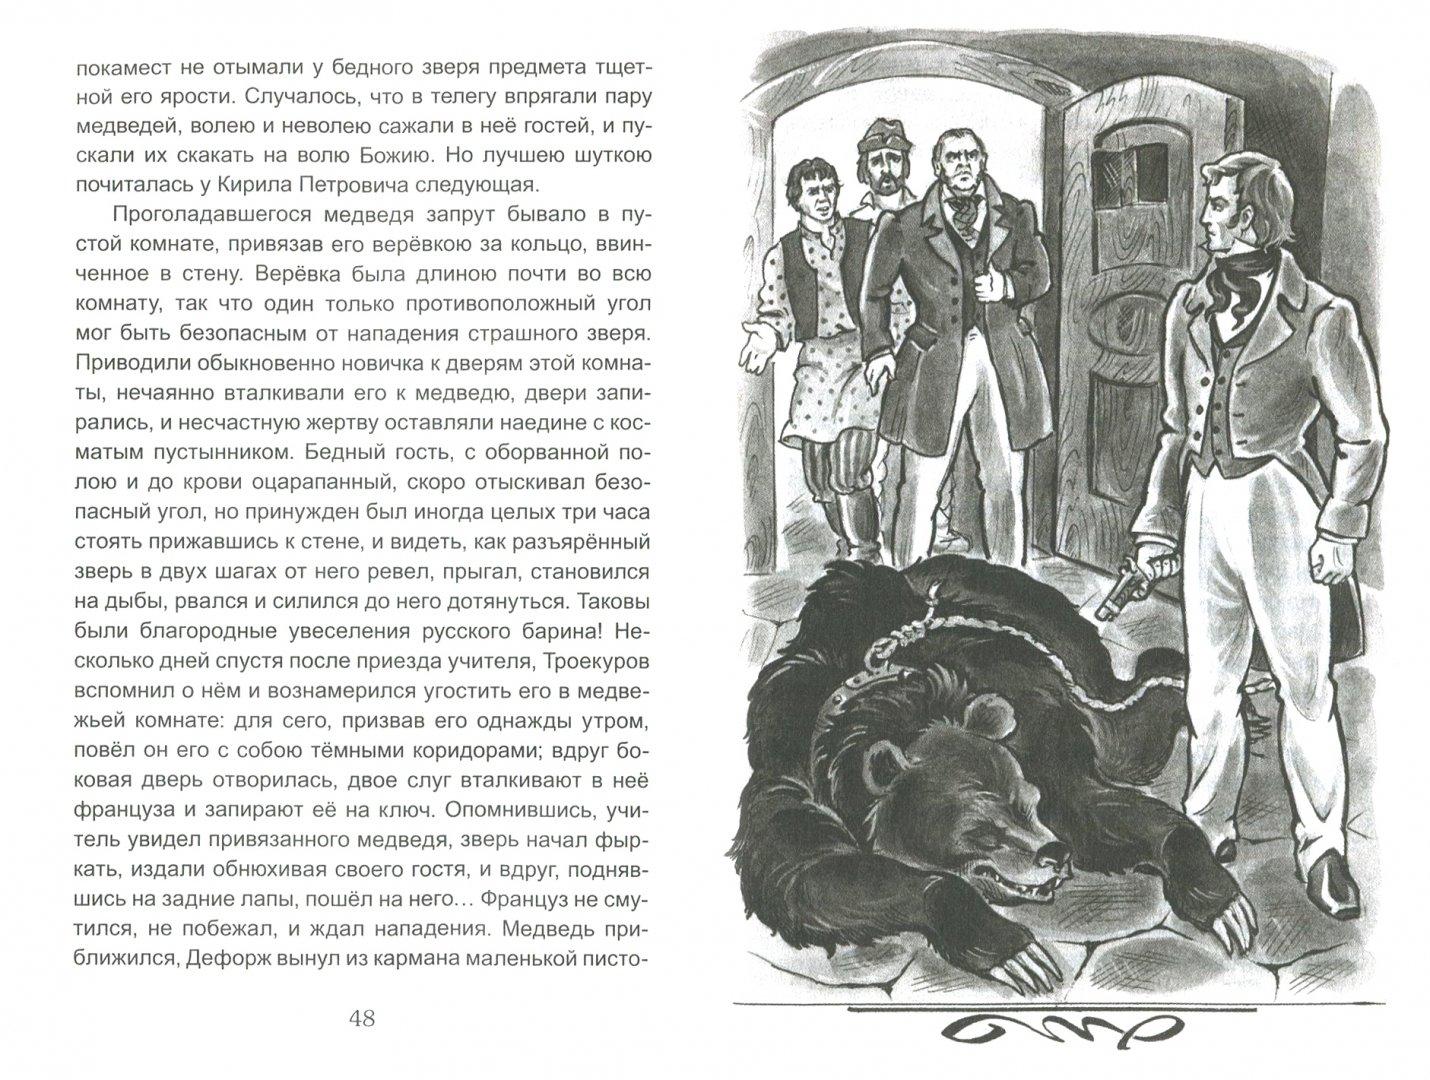 Иллюстрации к роману дубровский пушкина